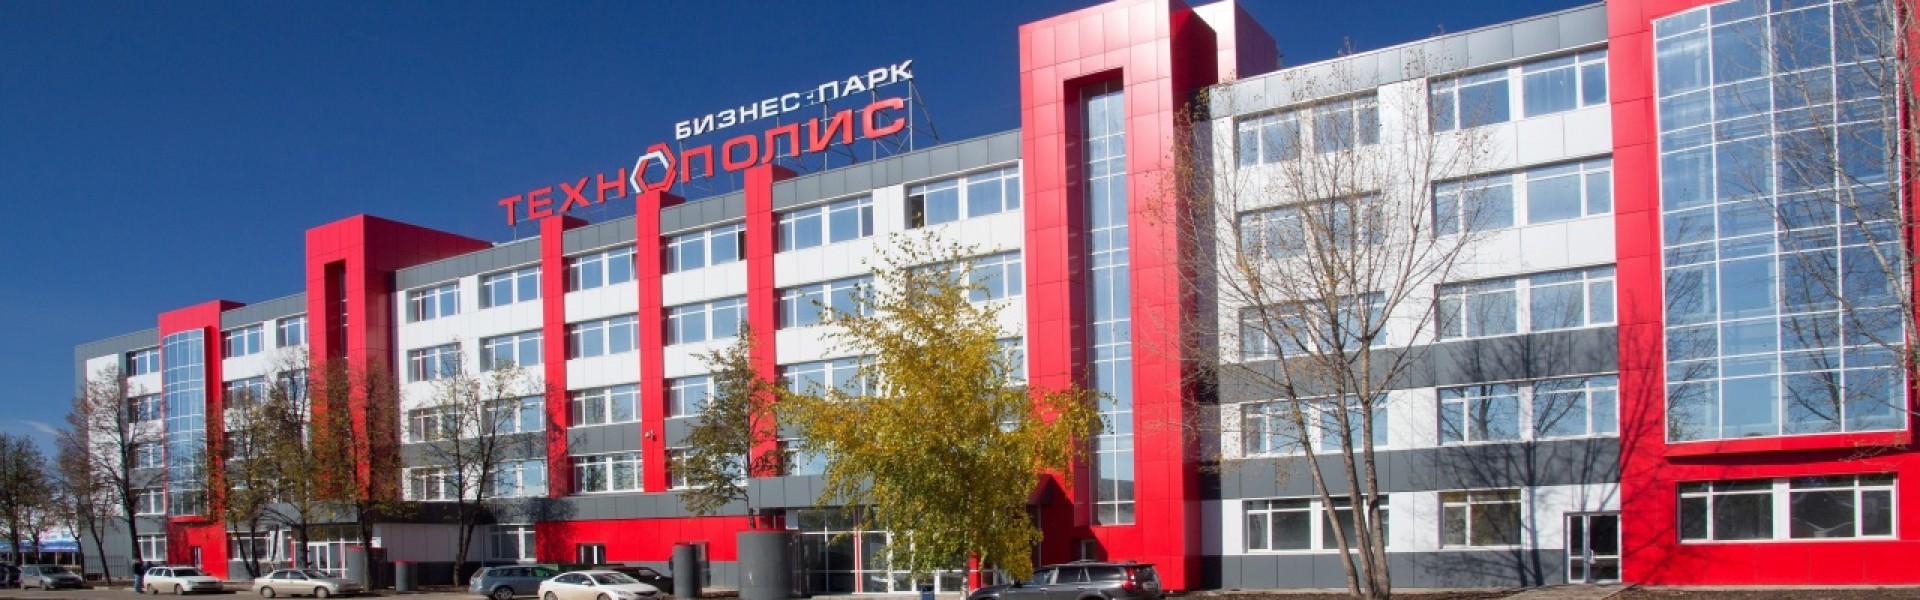 Индустриальный парк на территории Технополиса «Химград»